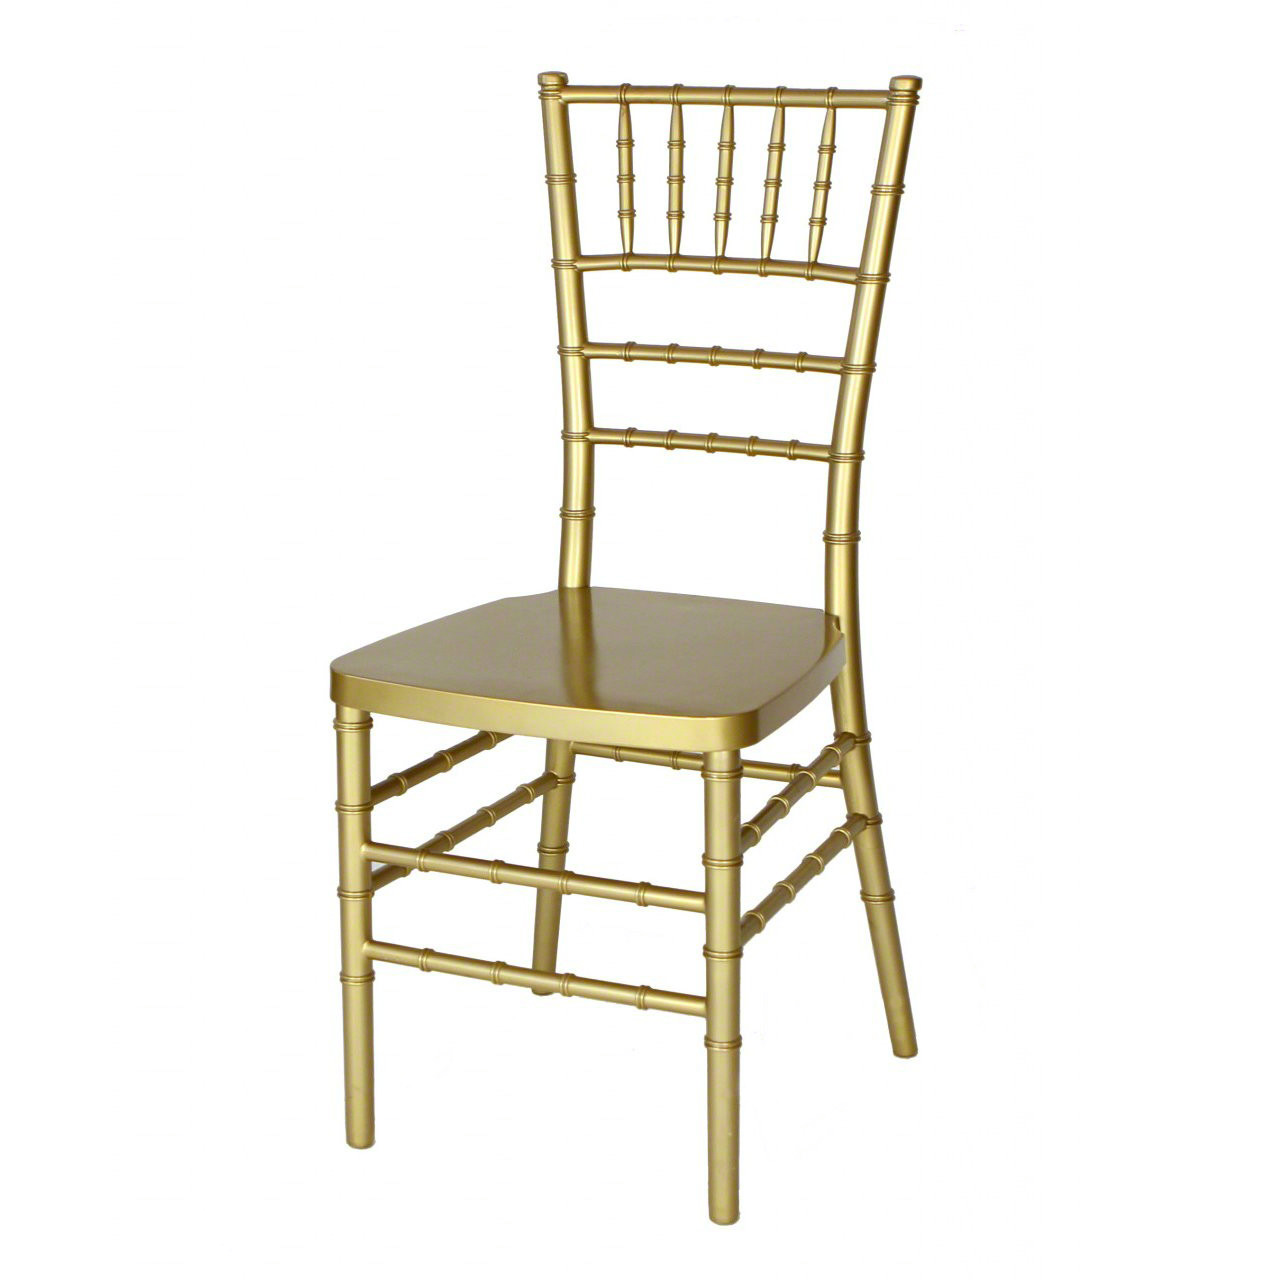 Gold chiavari chair - Gold Chiavari Chair